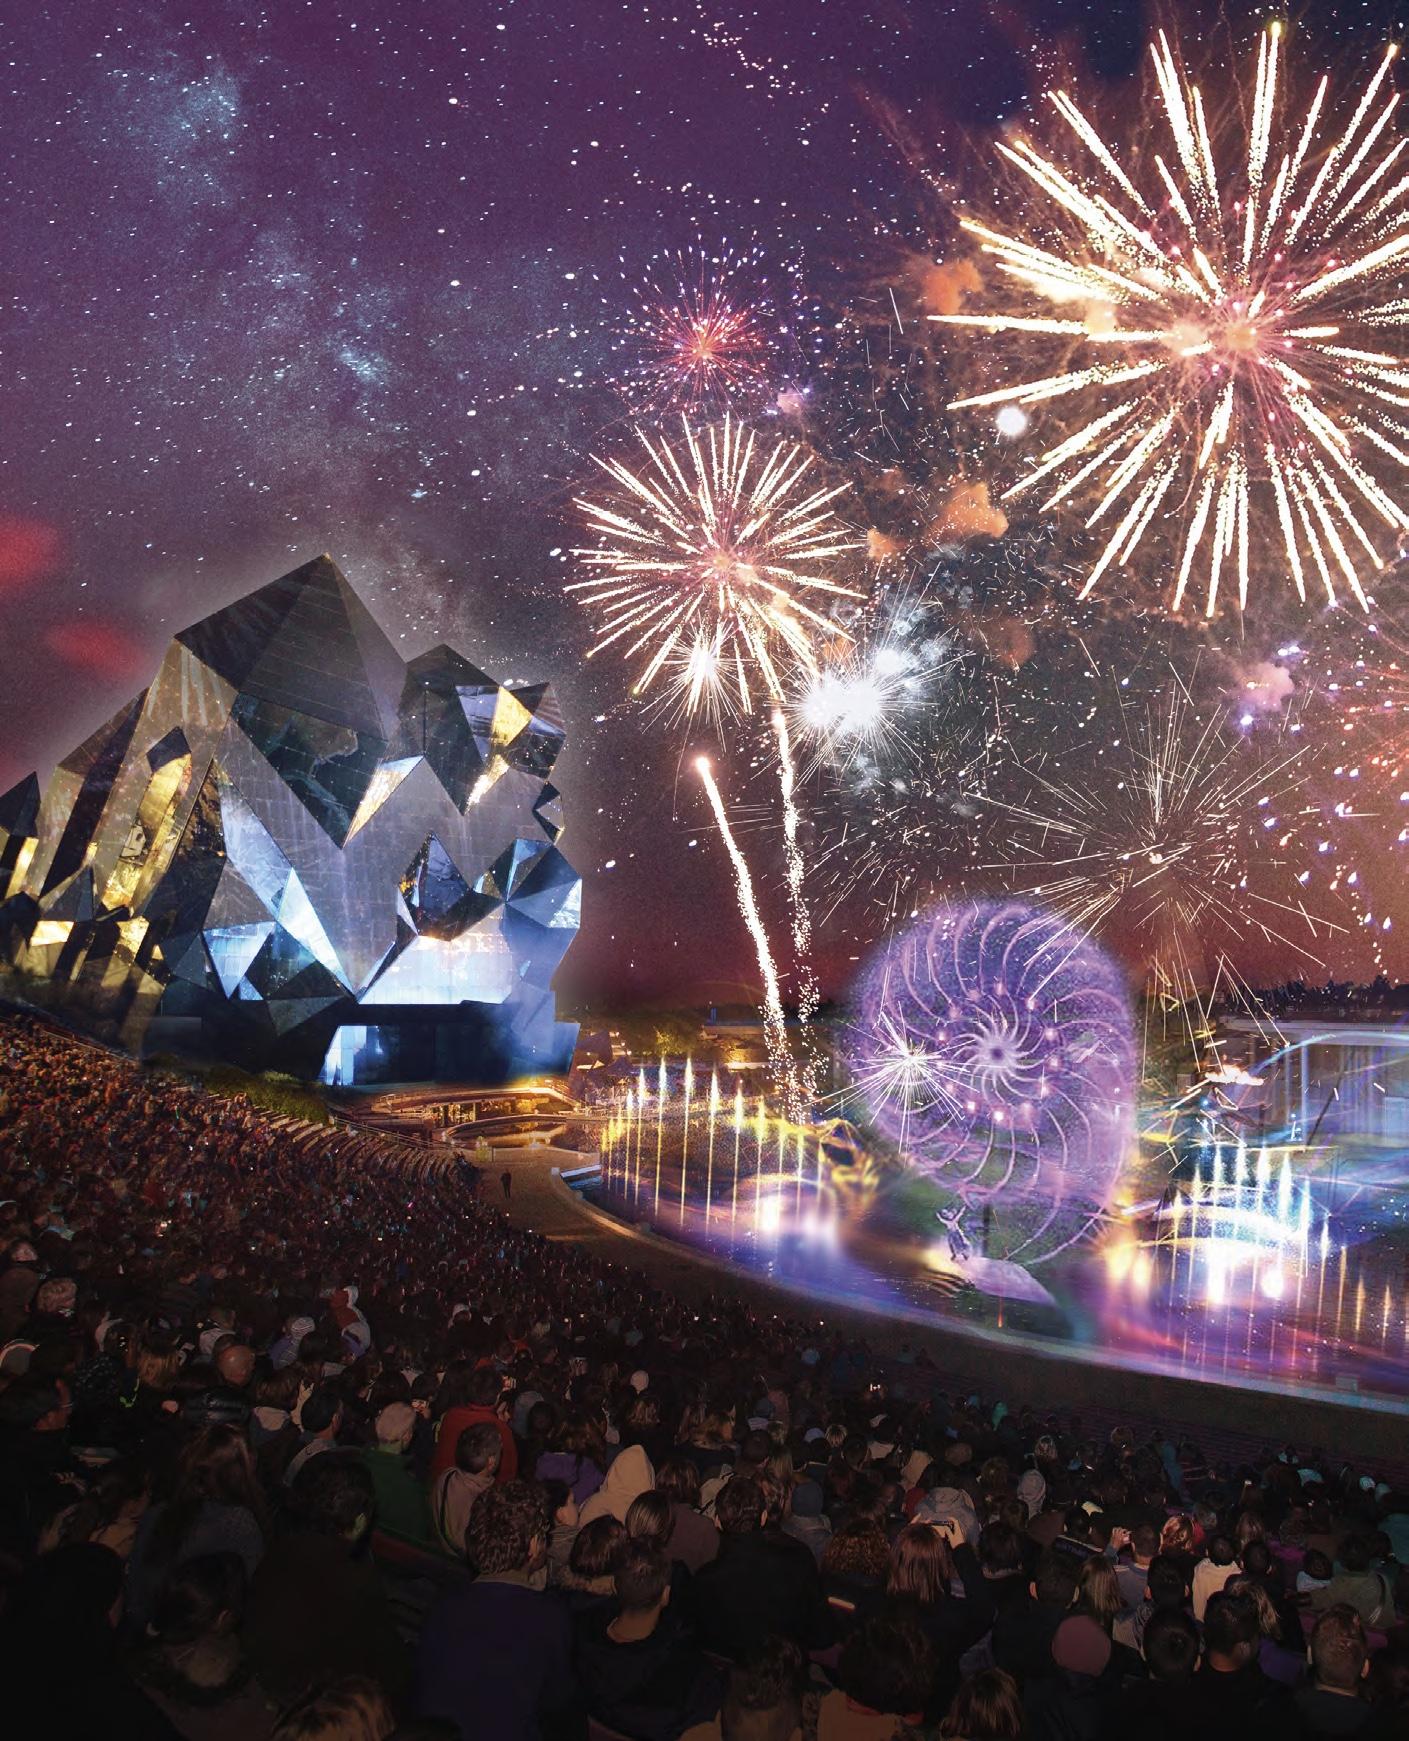 La Clé des songes (nouveau spectacle nocturne) · février 2021 2021-Brochure-groupes-visuel-La-Cle-des-songes